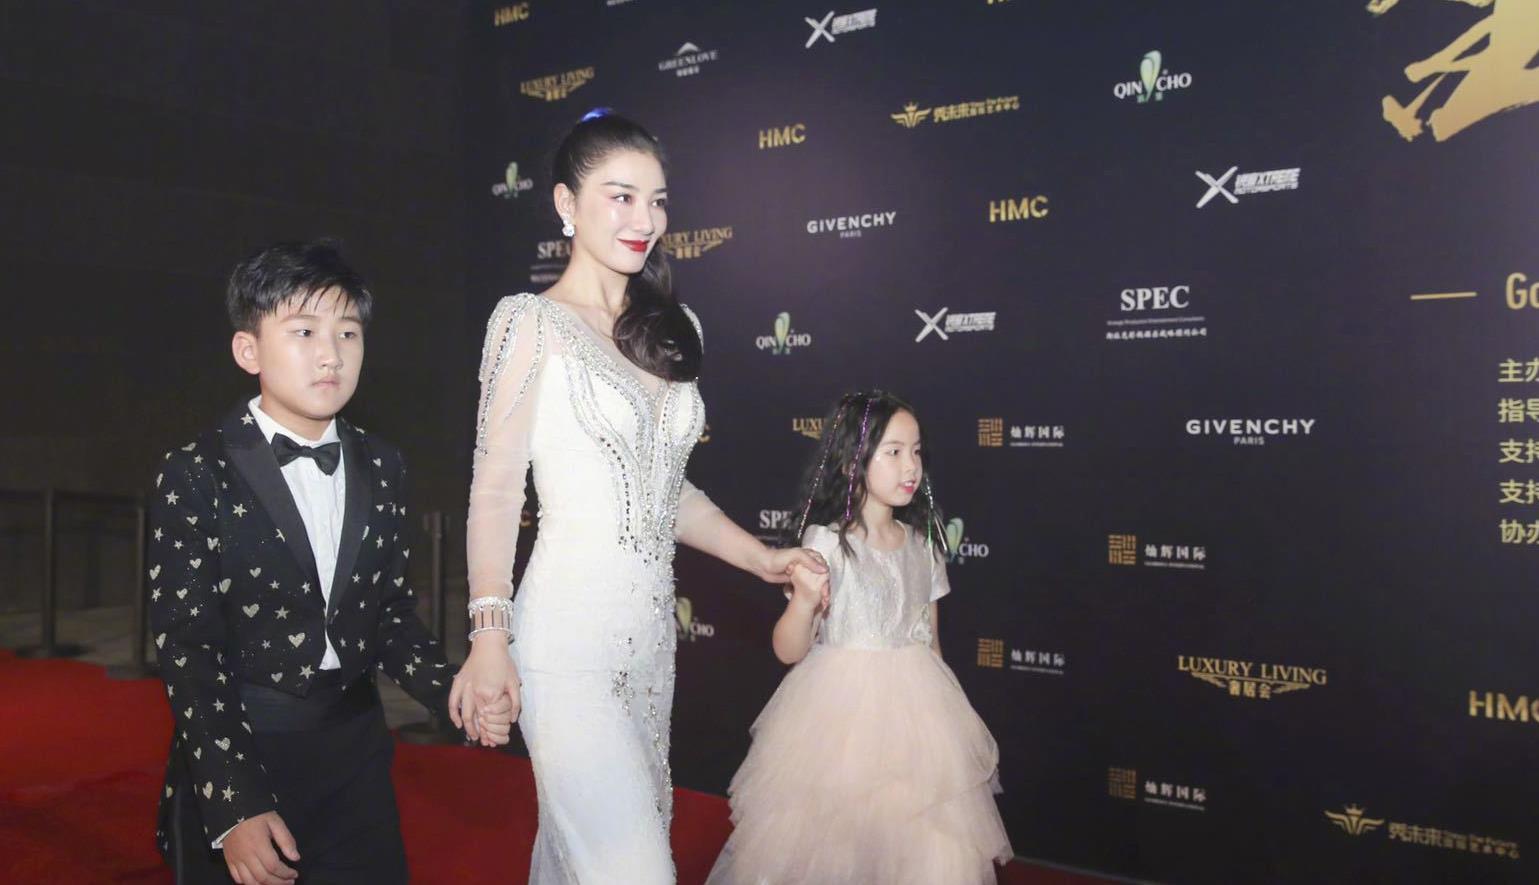 """42岁黄奕携女儿走红毯,穿白色""""礼服裙""""真美,不像7岁孩子的妈"""